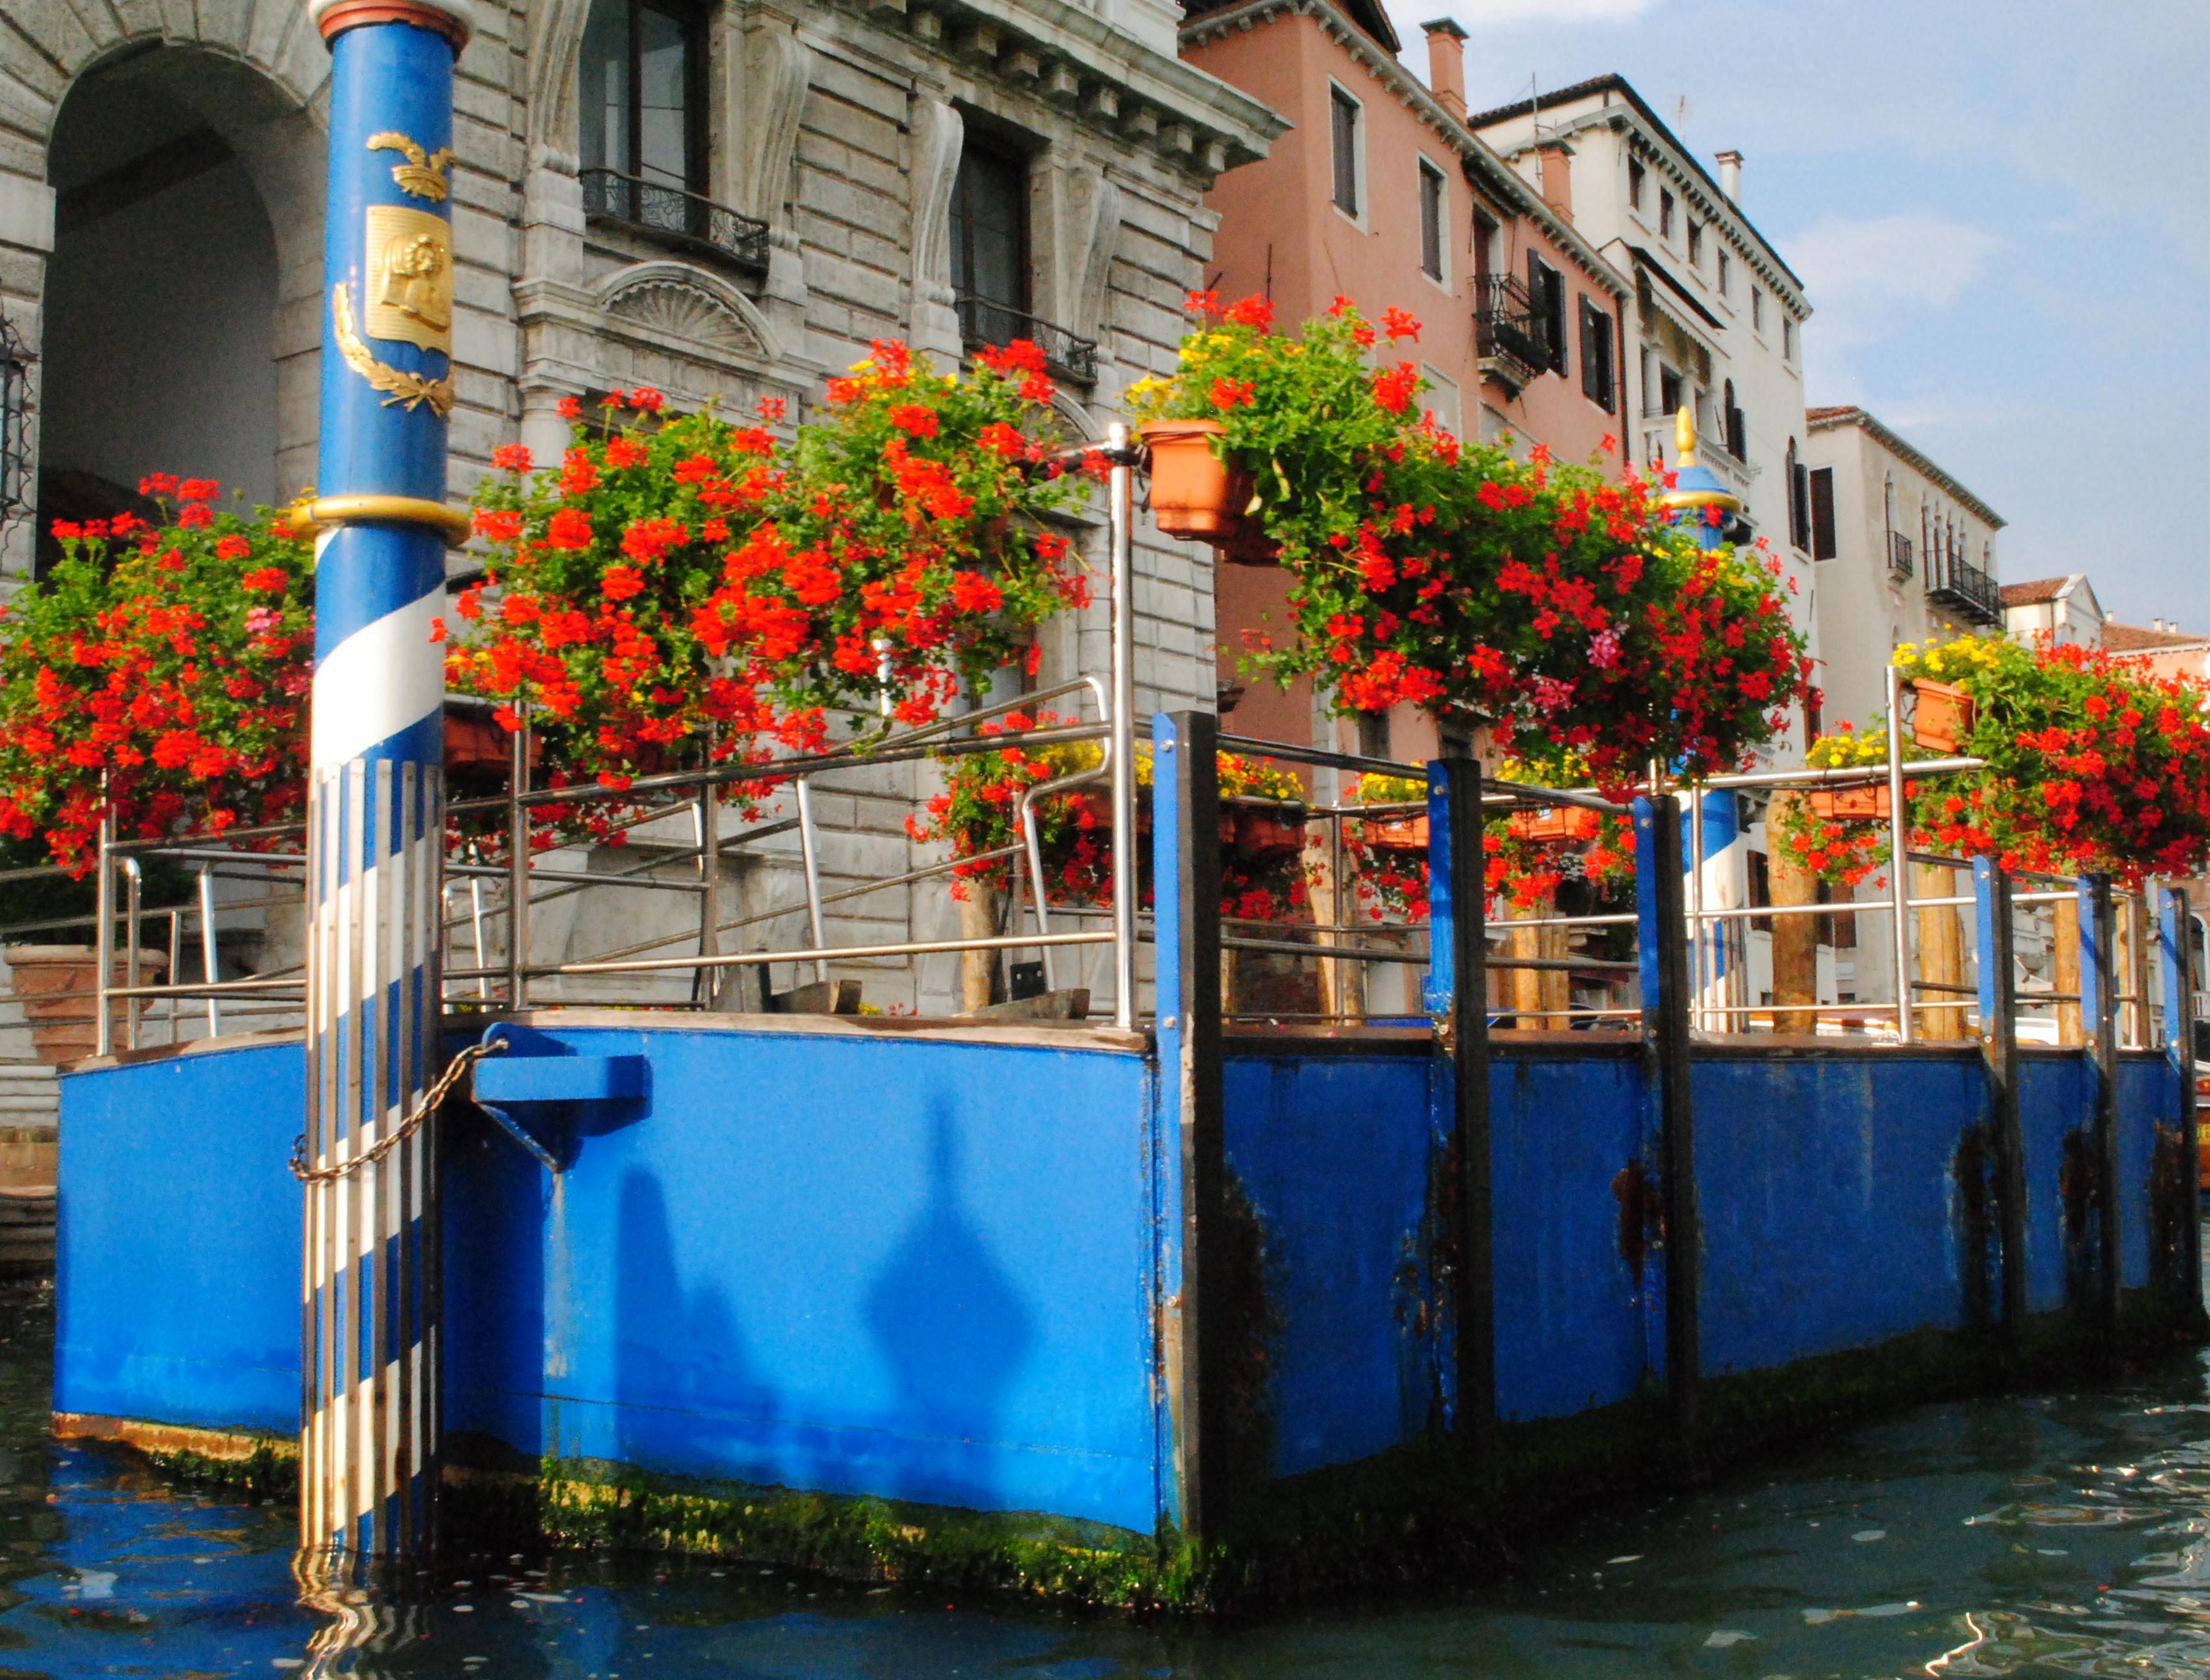 Jardines en venecia vamos de viaje for Jardines venecia